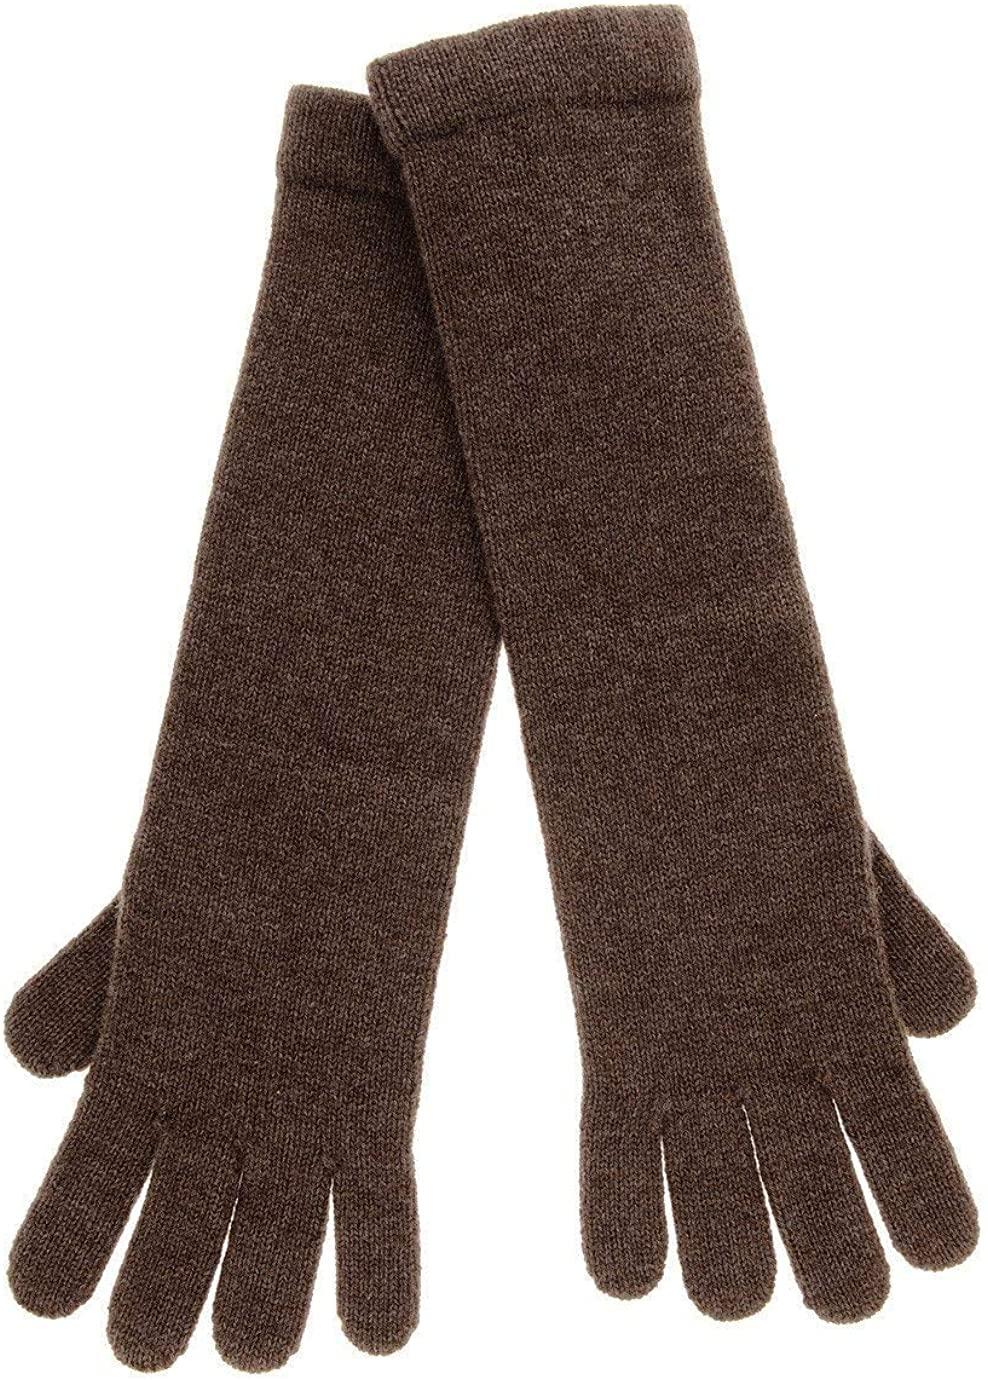 INVERNI CHALET Marrone Cashmere Wool Women Gloves